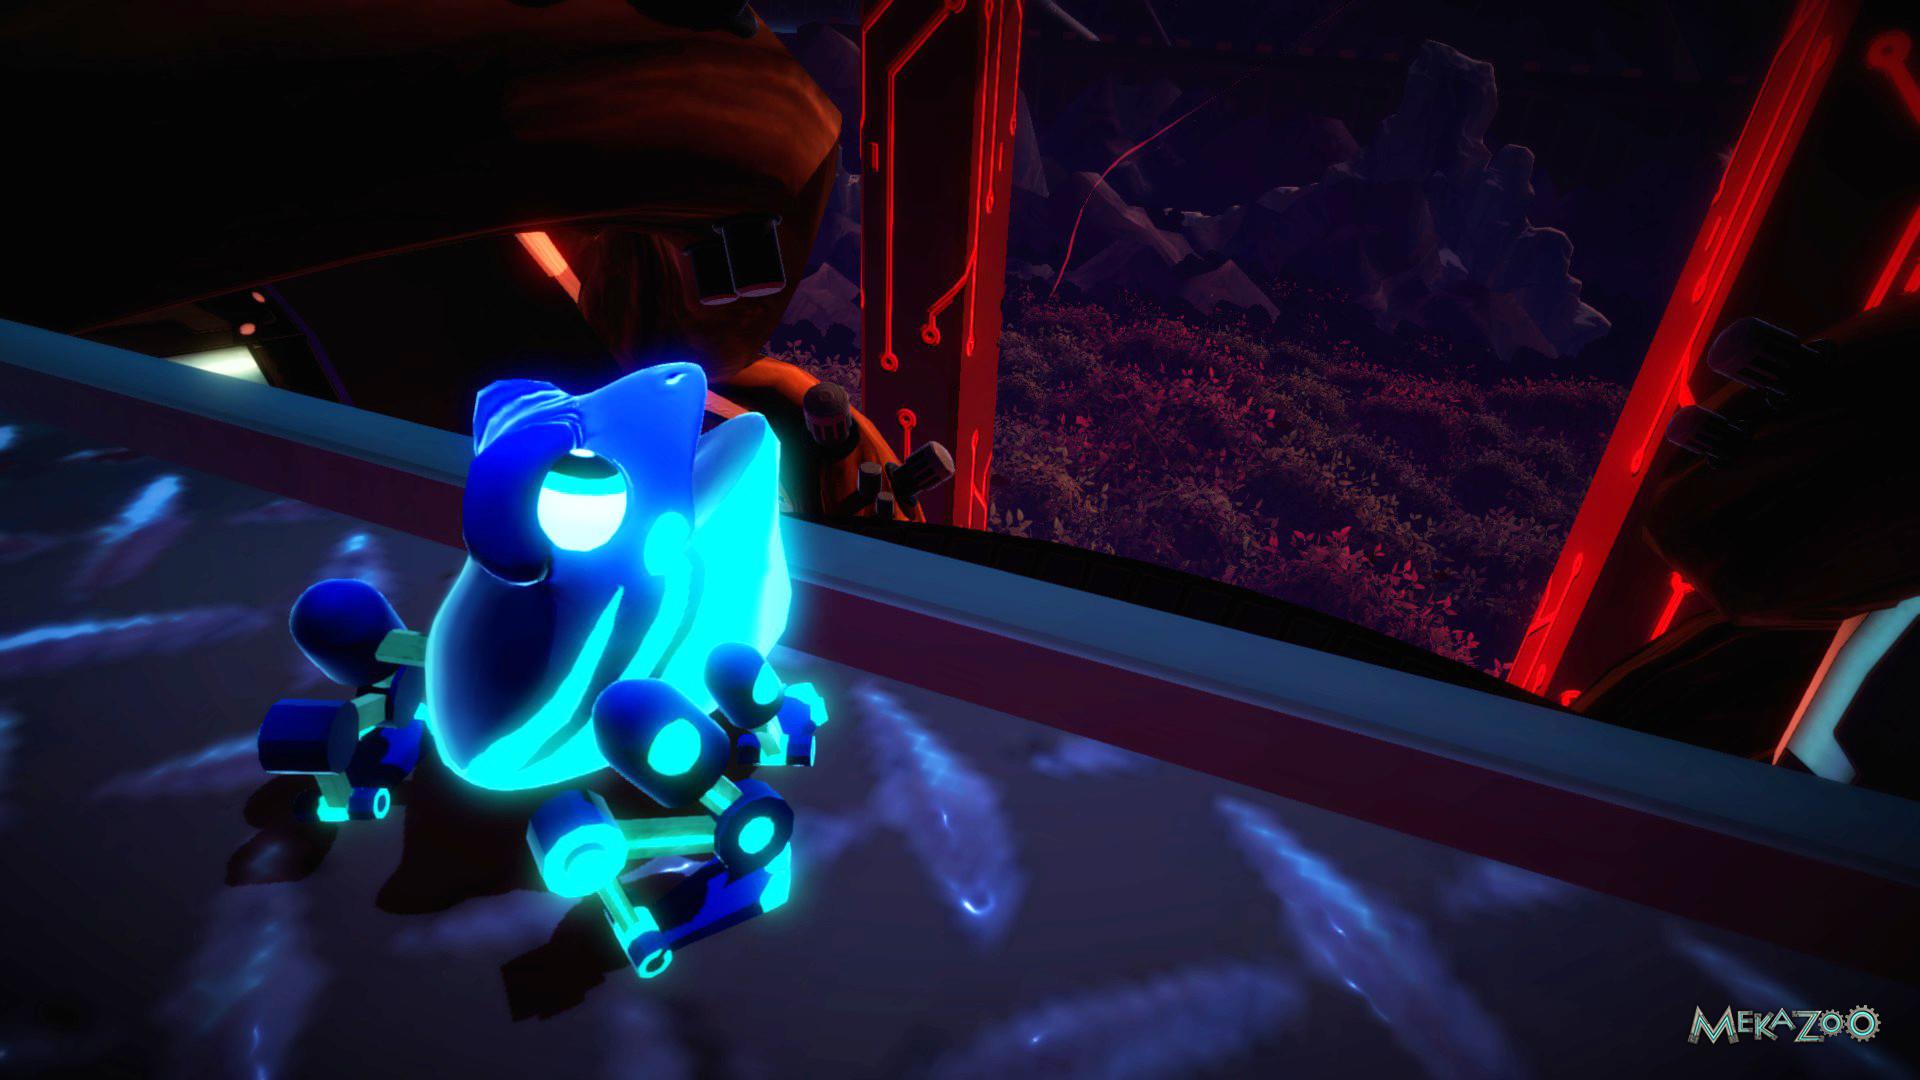 《机械动物园(Mekazoo)》是由The Good Mood Creators制作发行的一款2D平台游戏,玩家可选择有着各种不同技能的动物进行单人闯关或者多人共同作战,在五彩生动的3D世界中探索和冒险。Mekazoo受经典平台游戏启发,利用经典游戏的核心元素创造出全新、富有创意、独特和有趣的游戏体验。游戏中可选择五种不同角色,每个都身怀绝技。